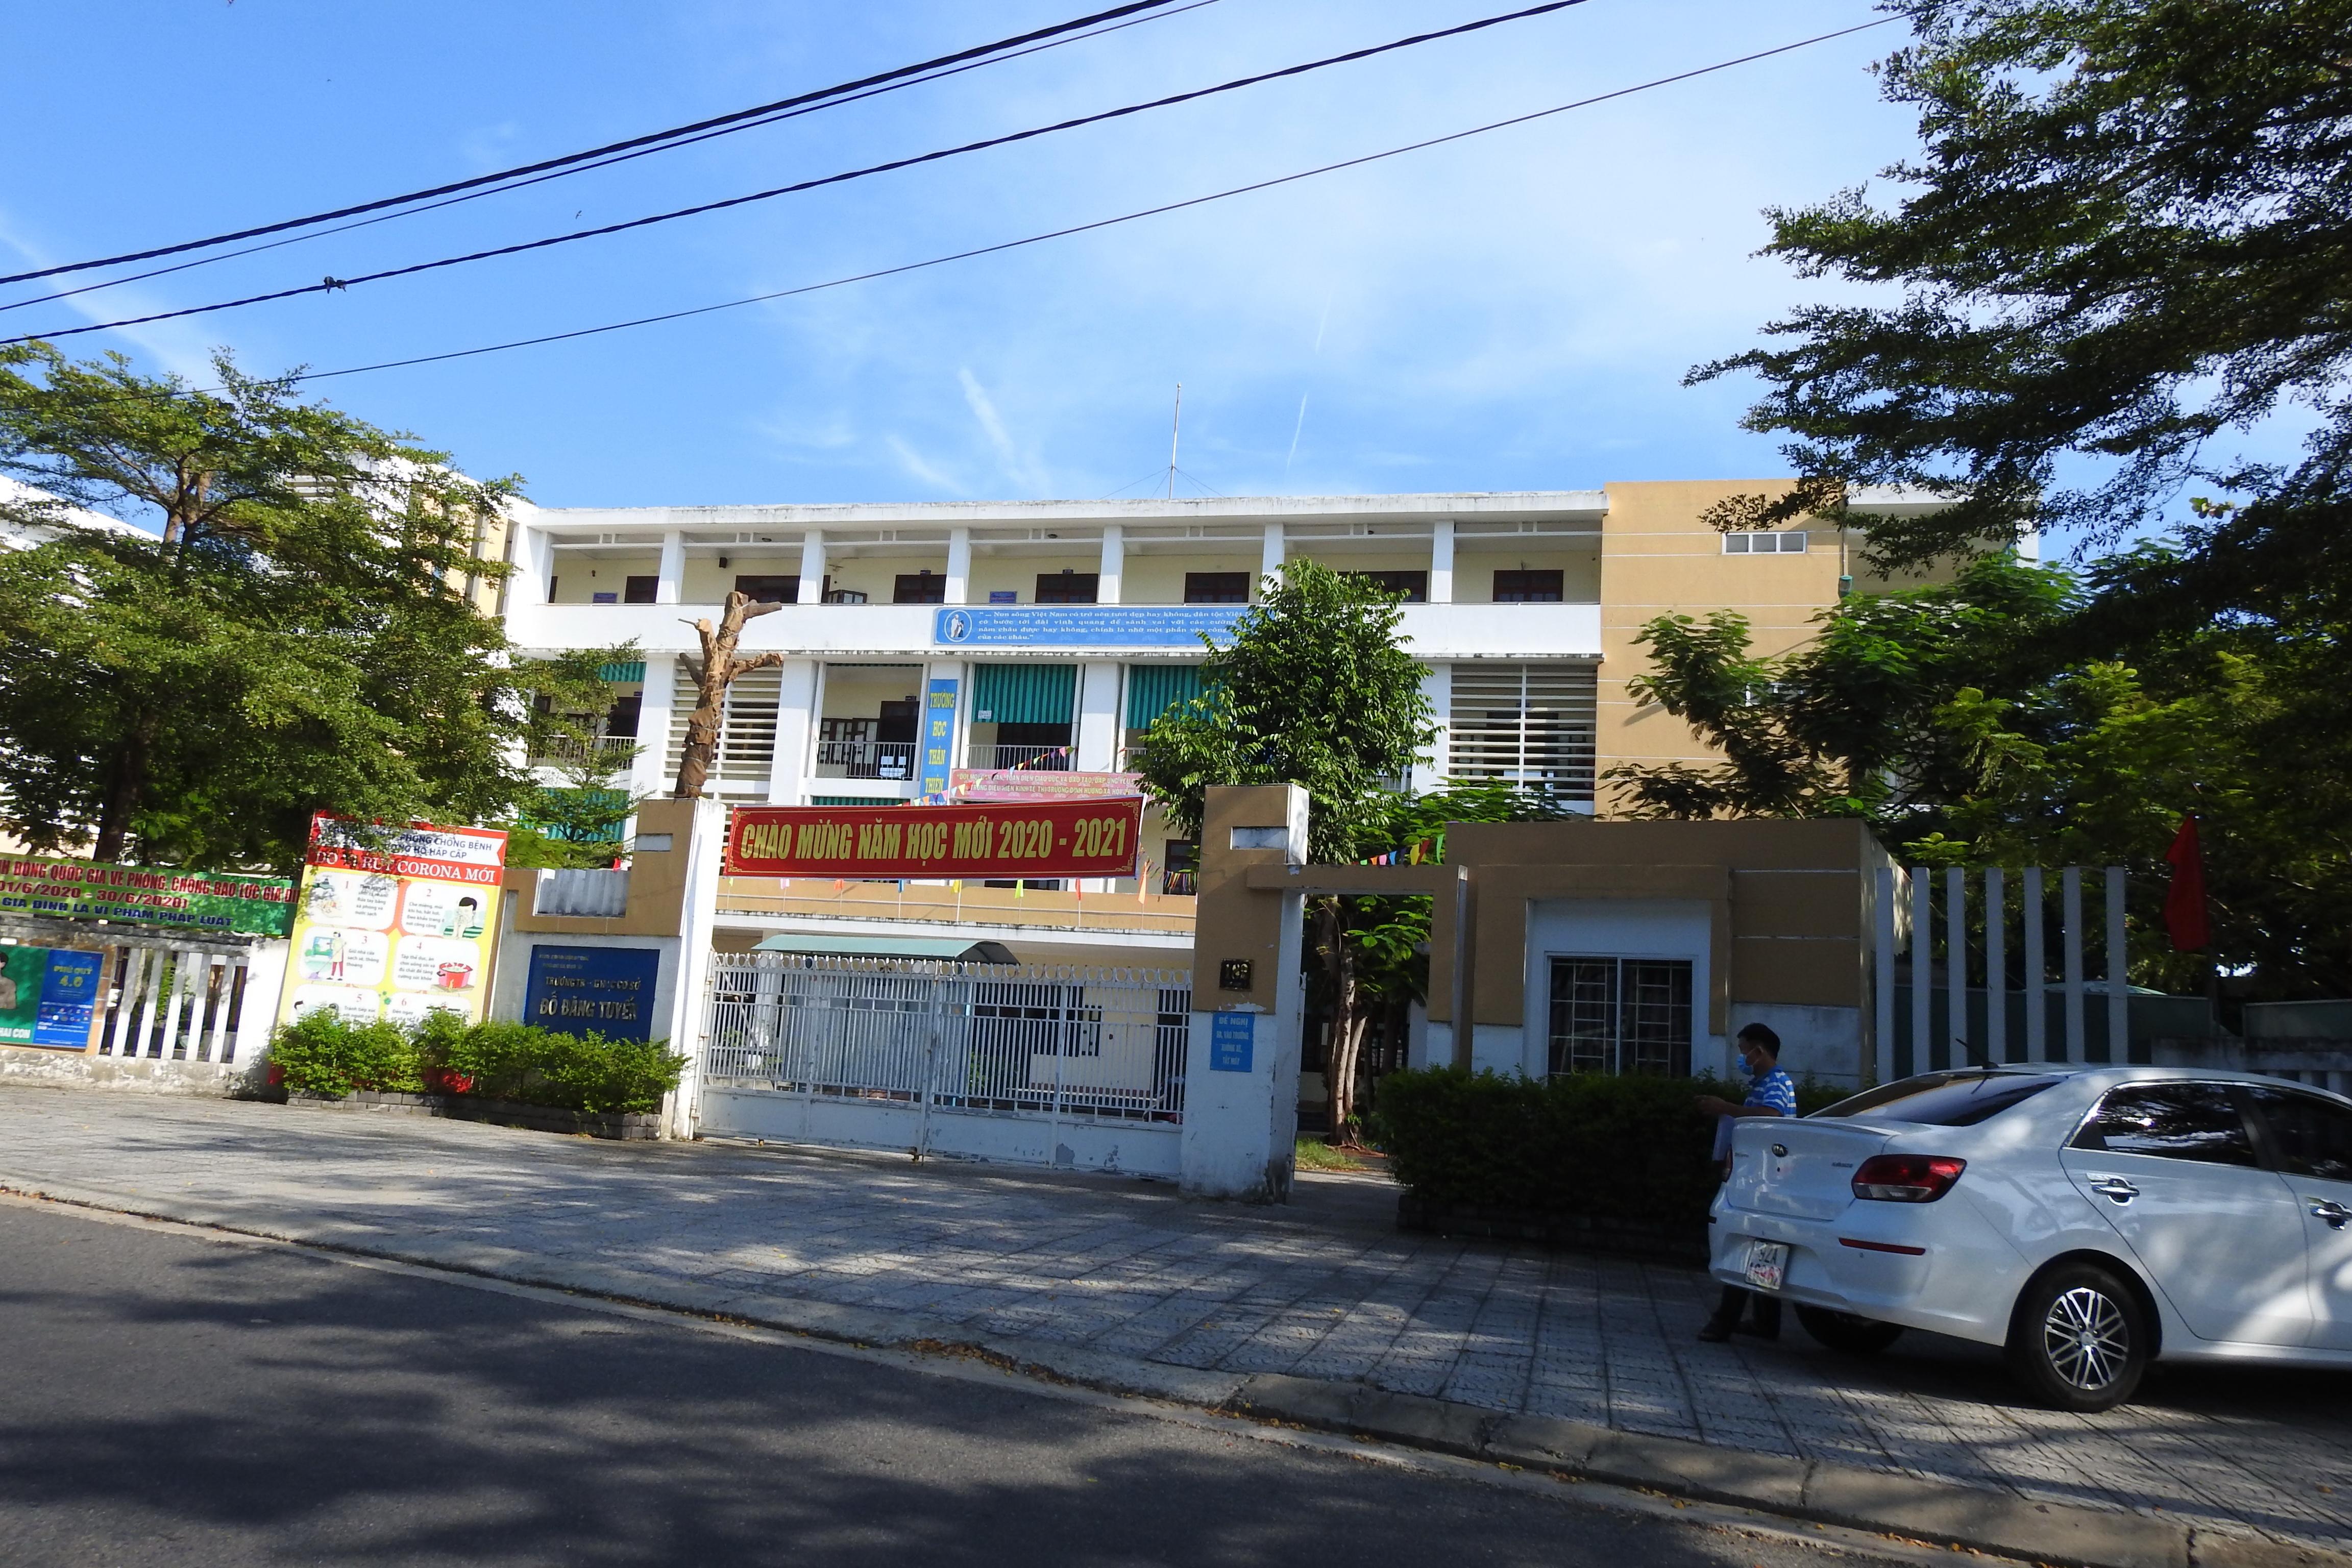 Cảnh vắng vẻ trước cổng trường THCS Đỗ Đăng Tuyển, phường Thanh Khê Tây, quận Thanh Khê (Đà Nẵng) buổi sáng ngày 5/9. Ảnh Bình Nguyên.